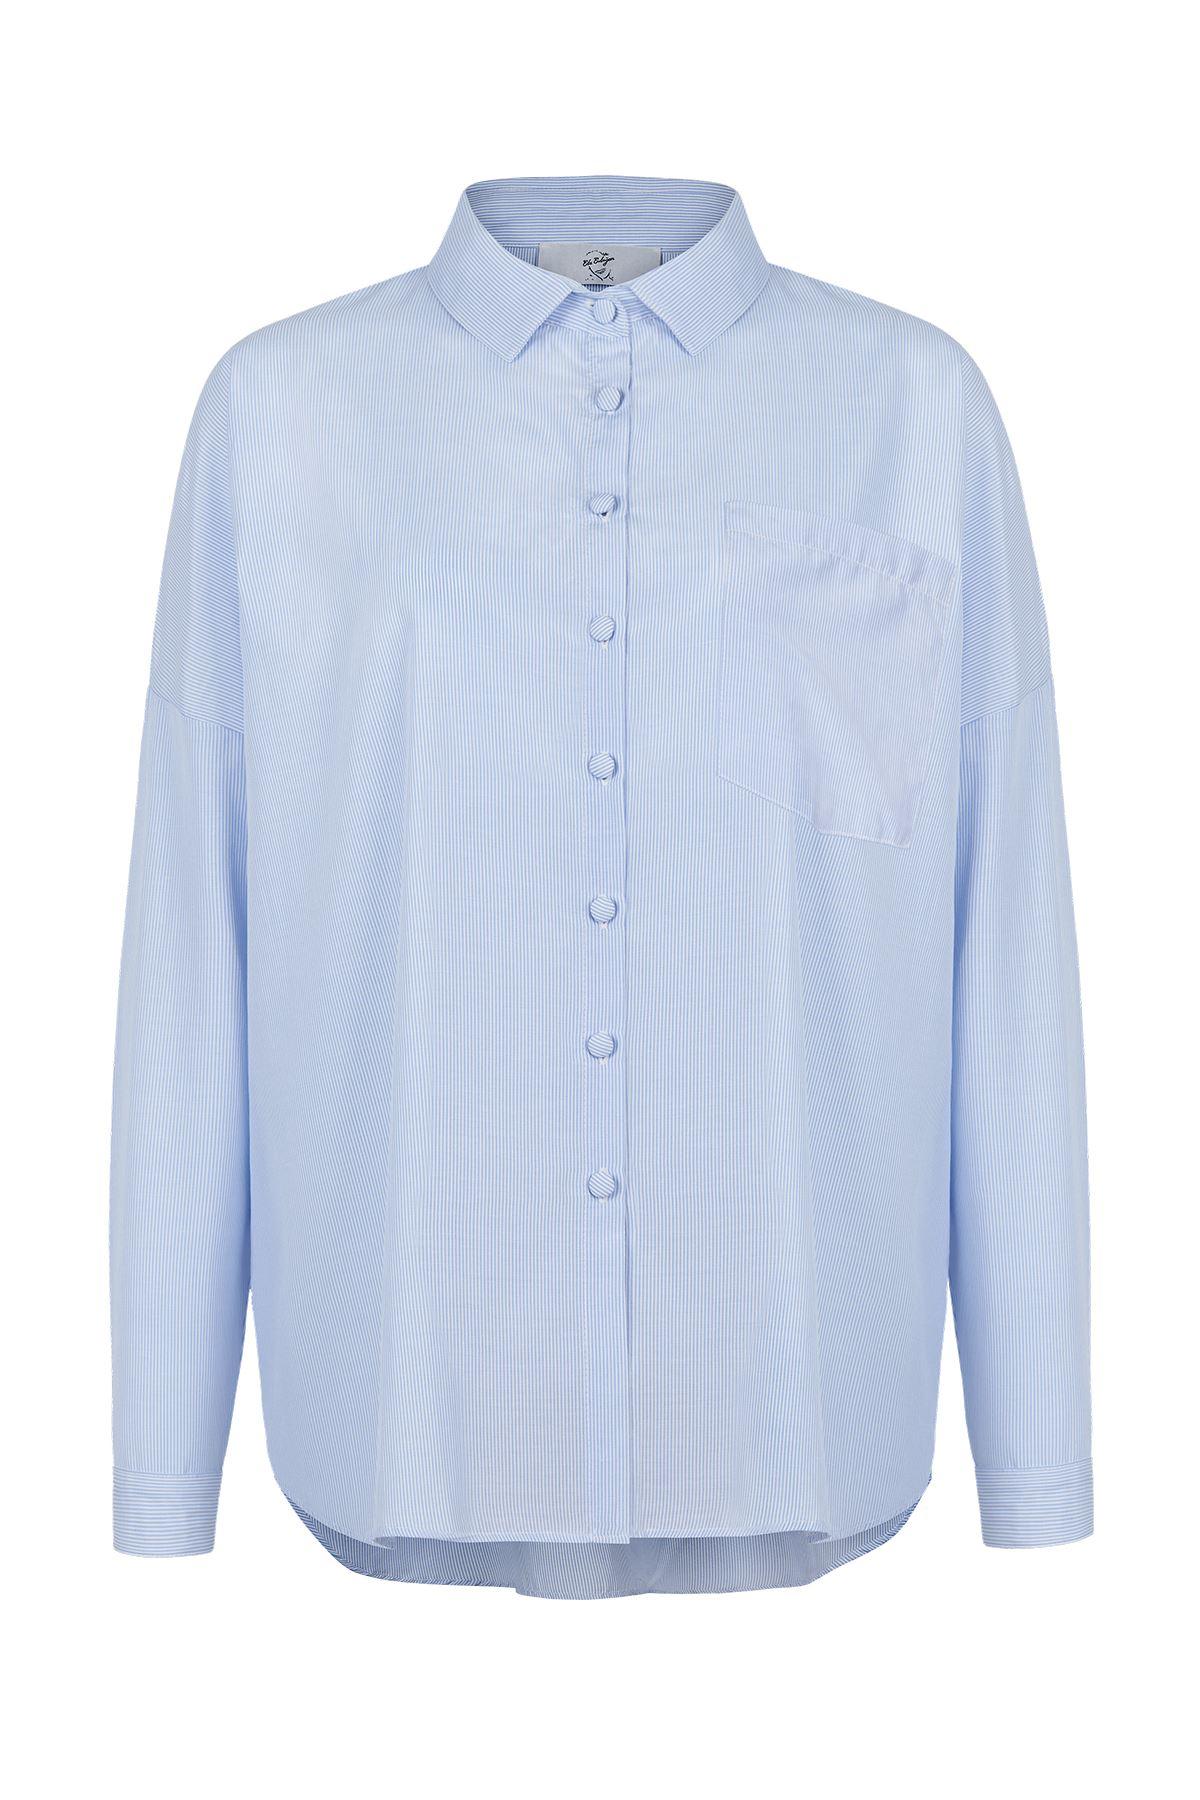 Bayan Gömlek (Beyaz Mavi Çizgili)